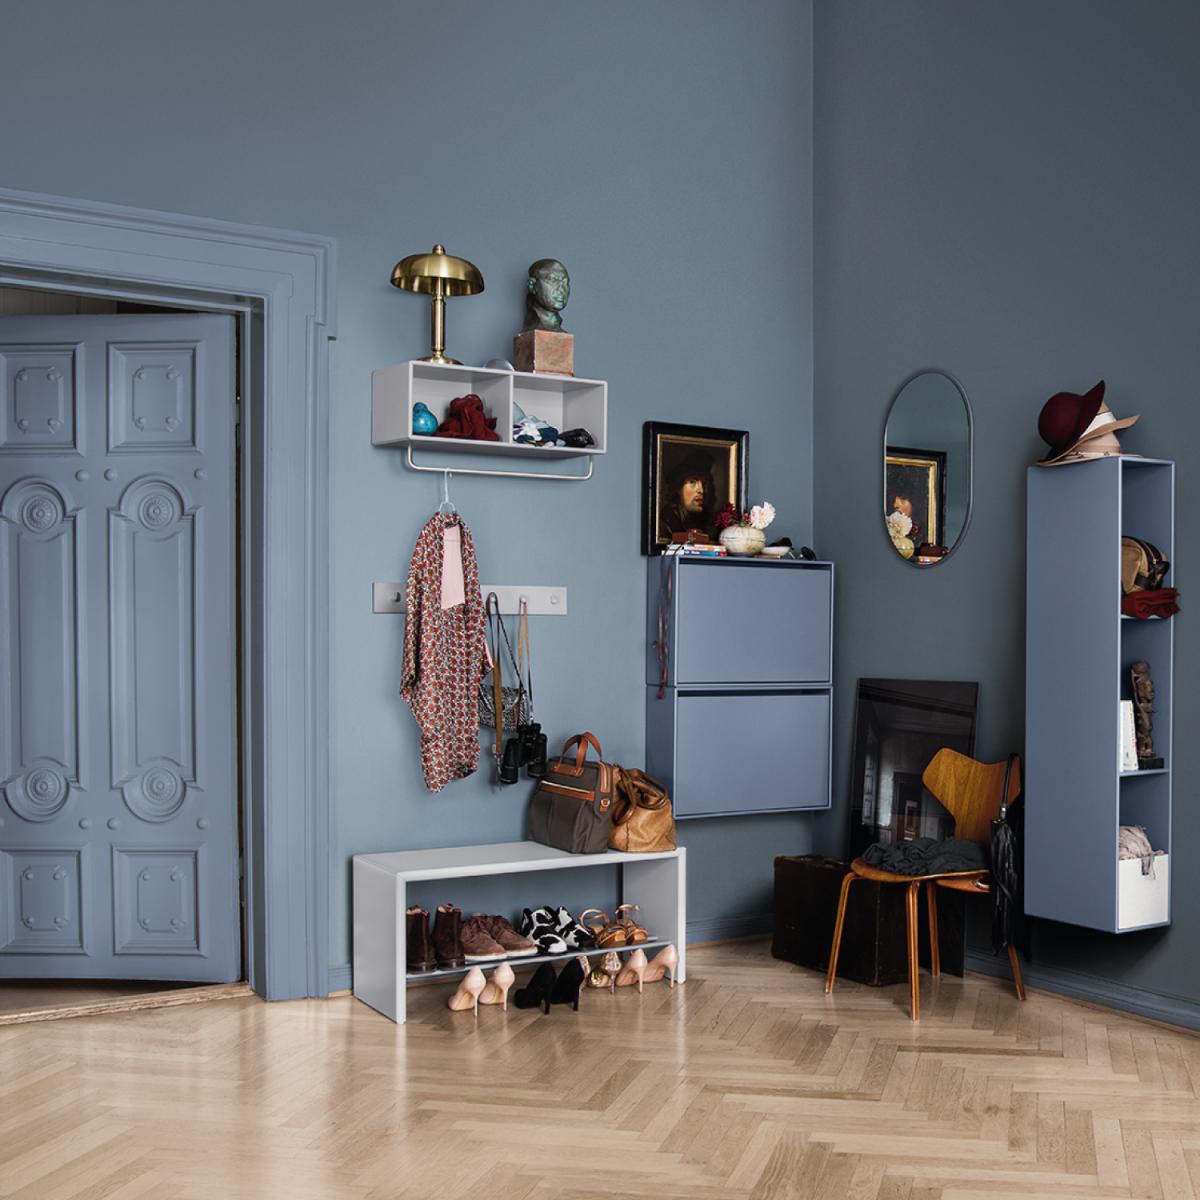 Picture of: Mobler Til Entre Kob Entremobler I Smukt Design Online Mobelhuset 2